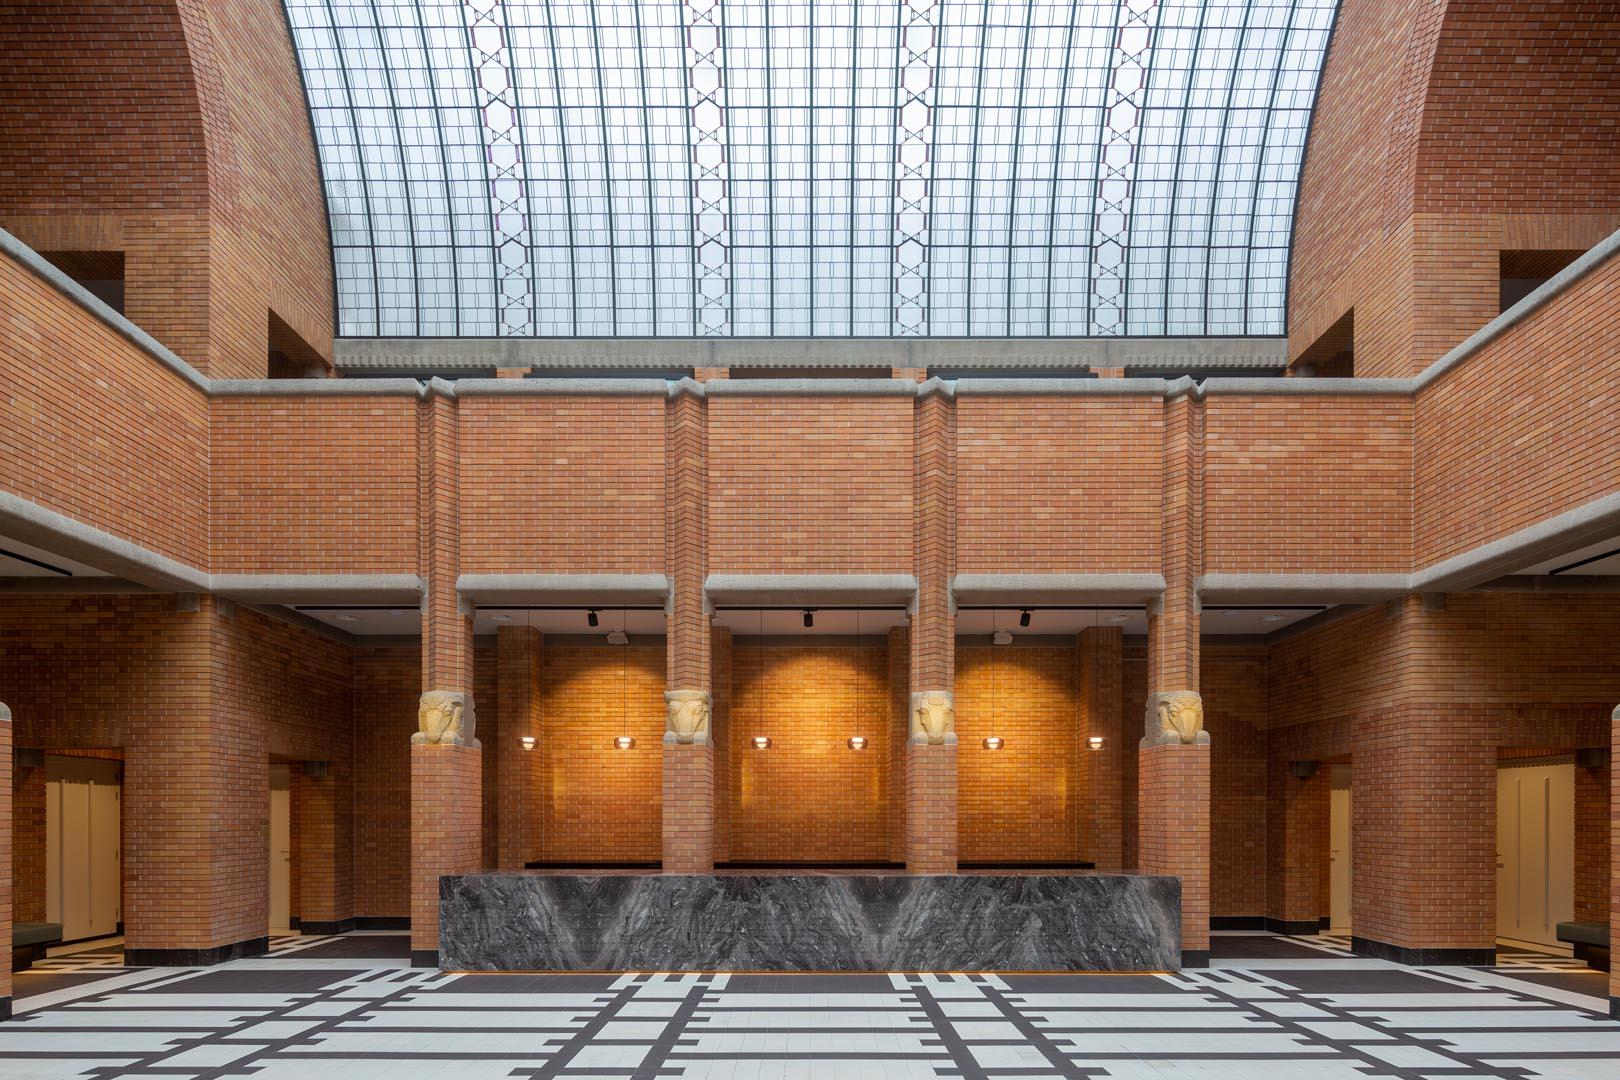 anatomiegebouw-utrecht-transformatie-gemeentelijk-monument-1620×1080-05